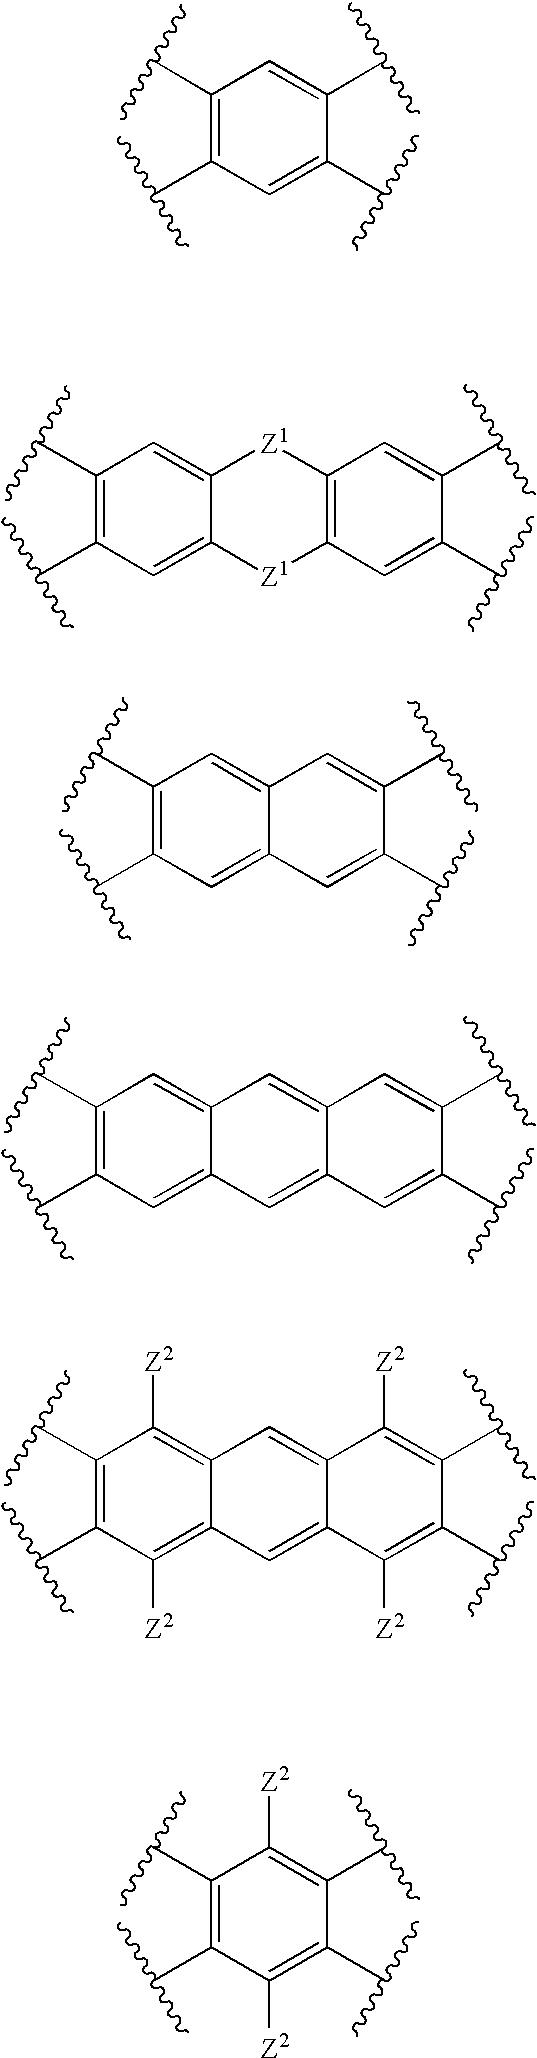 Figure US20060120923A1-20060608-C00007